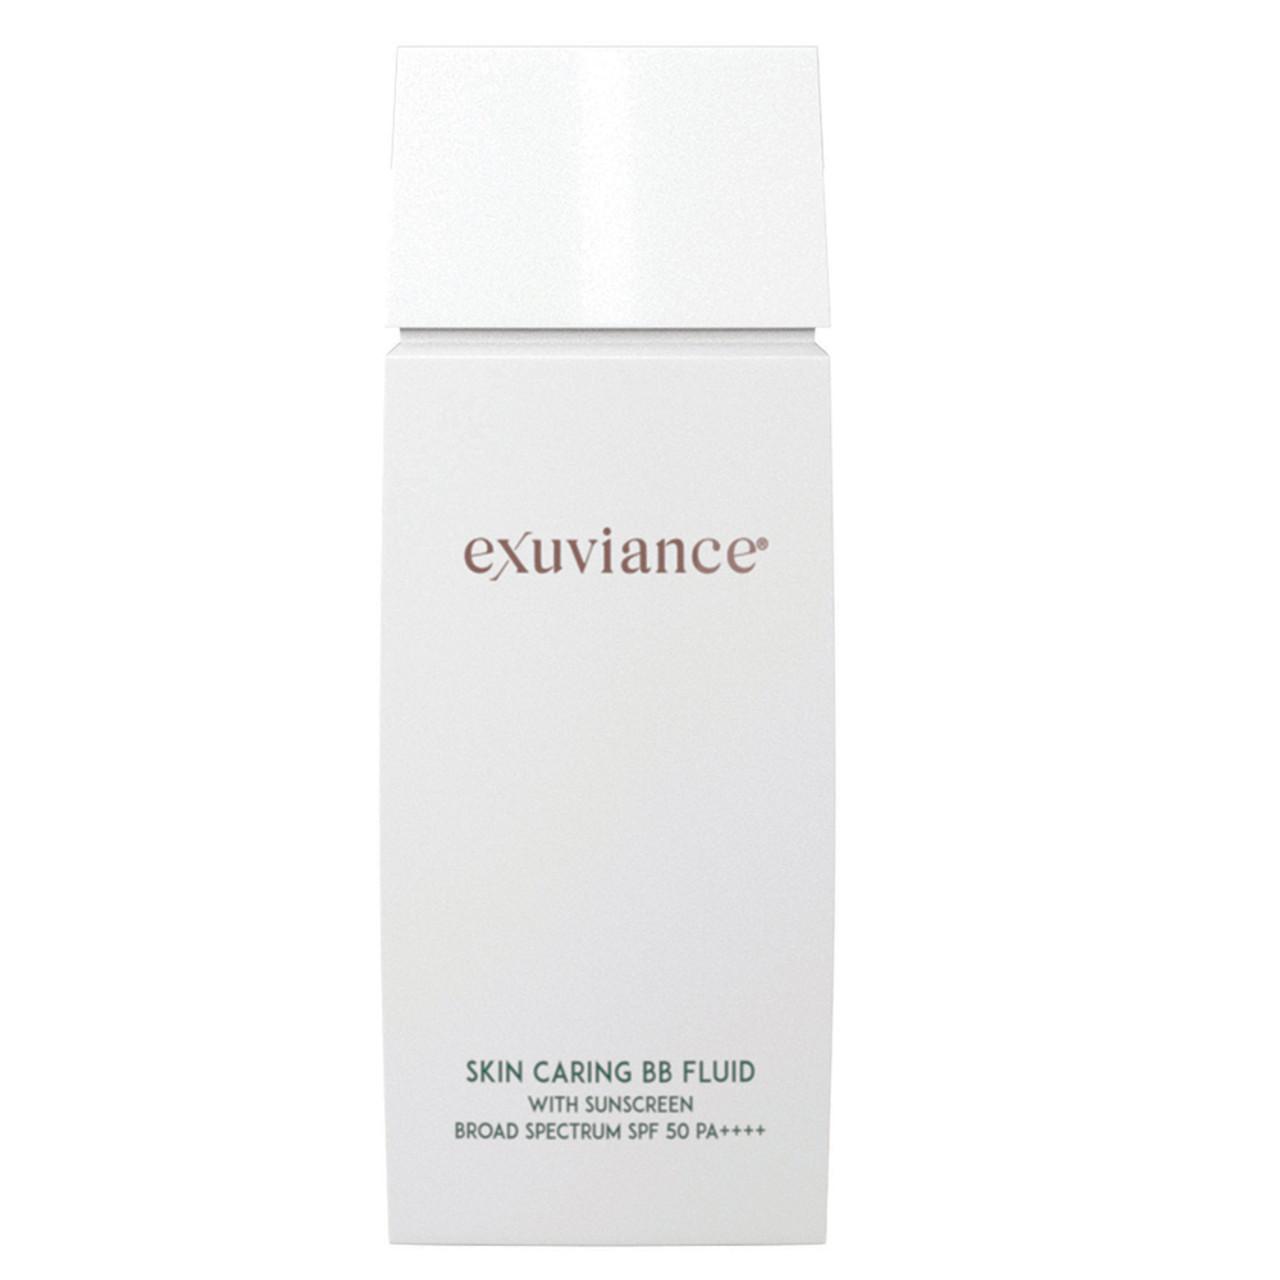 Exuviance Skin Caring BB Fluid SPF 50 BeautifiedYou.com